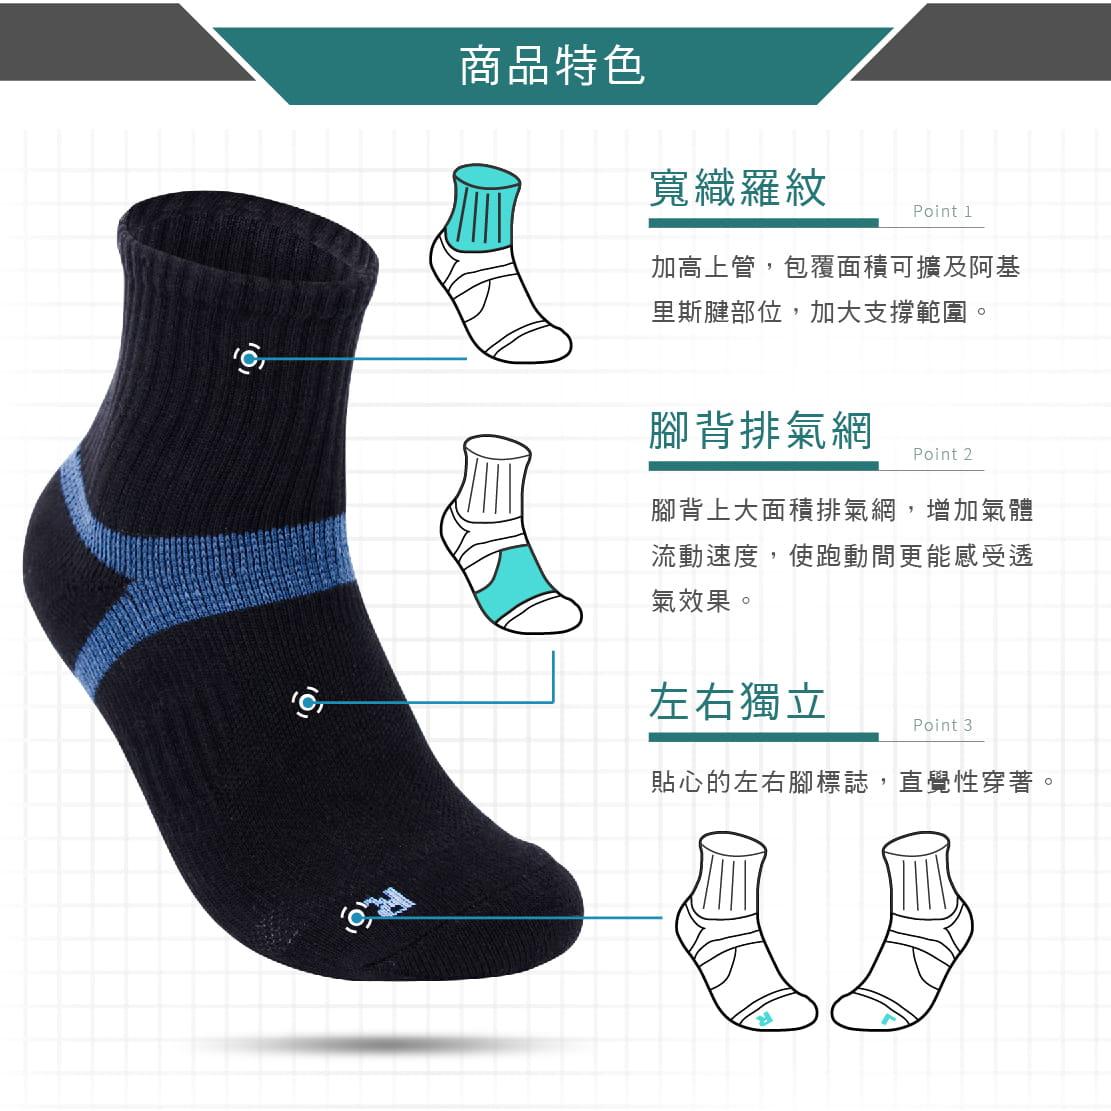 【FAV】足弓機能運動襪 2